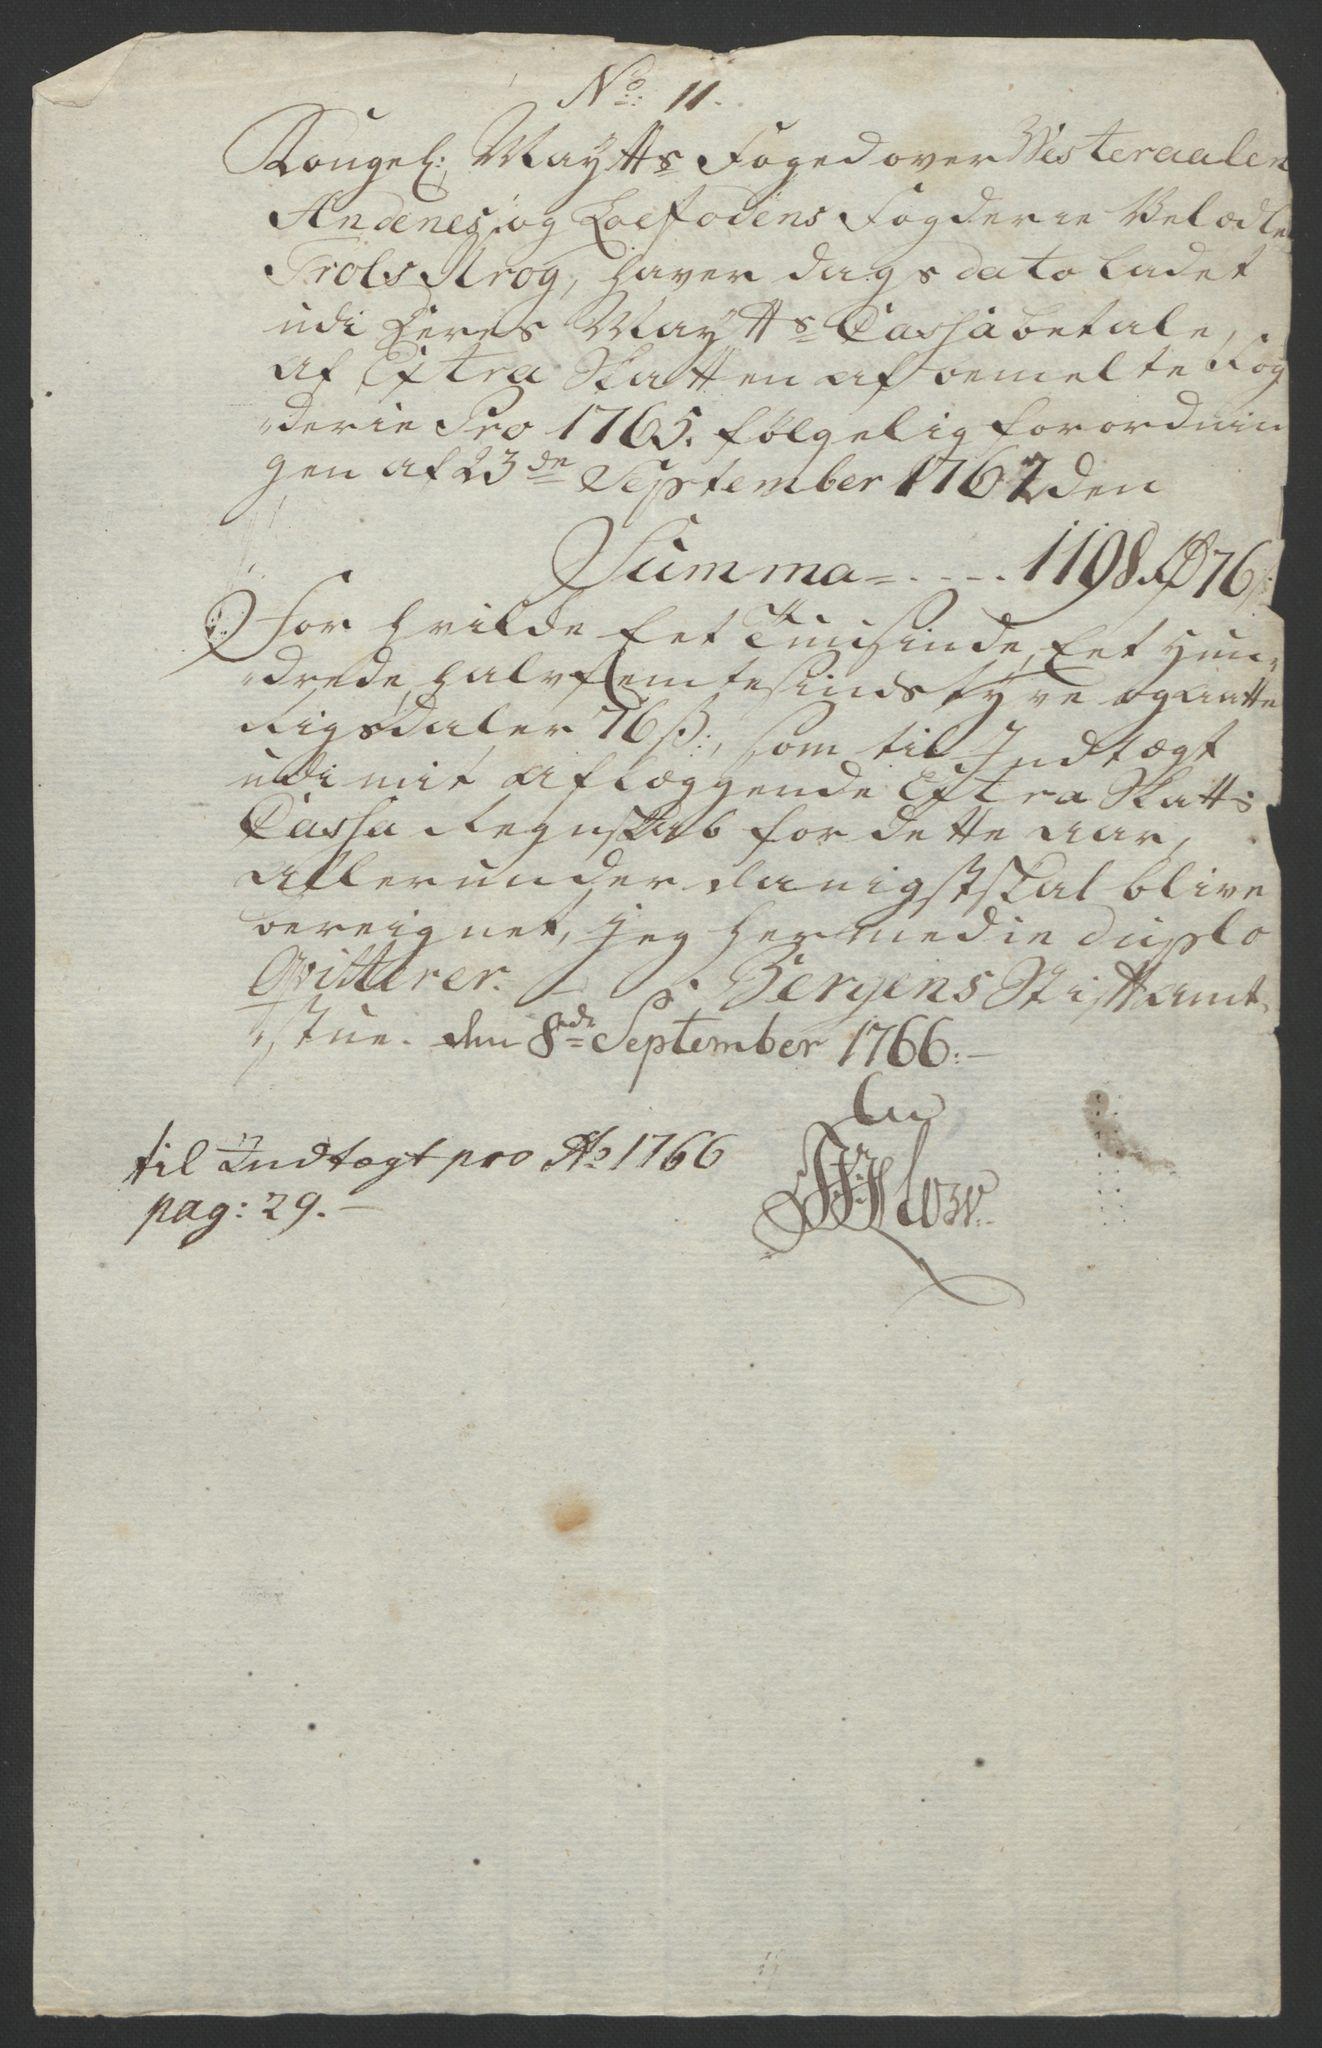 RA, Rentekammeret inntil 1814, Reviderte regnskaper, Fogderegnskap, R67/L4747: Ekstraskatten Vesterålen, Andenes og Lofoten, 1762-1766, s. 464